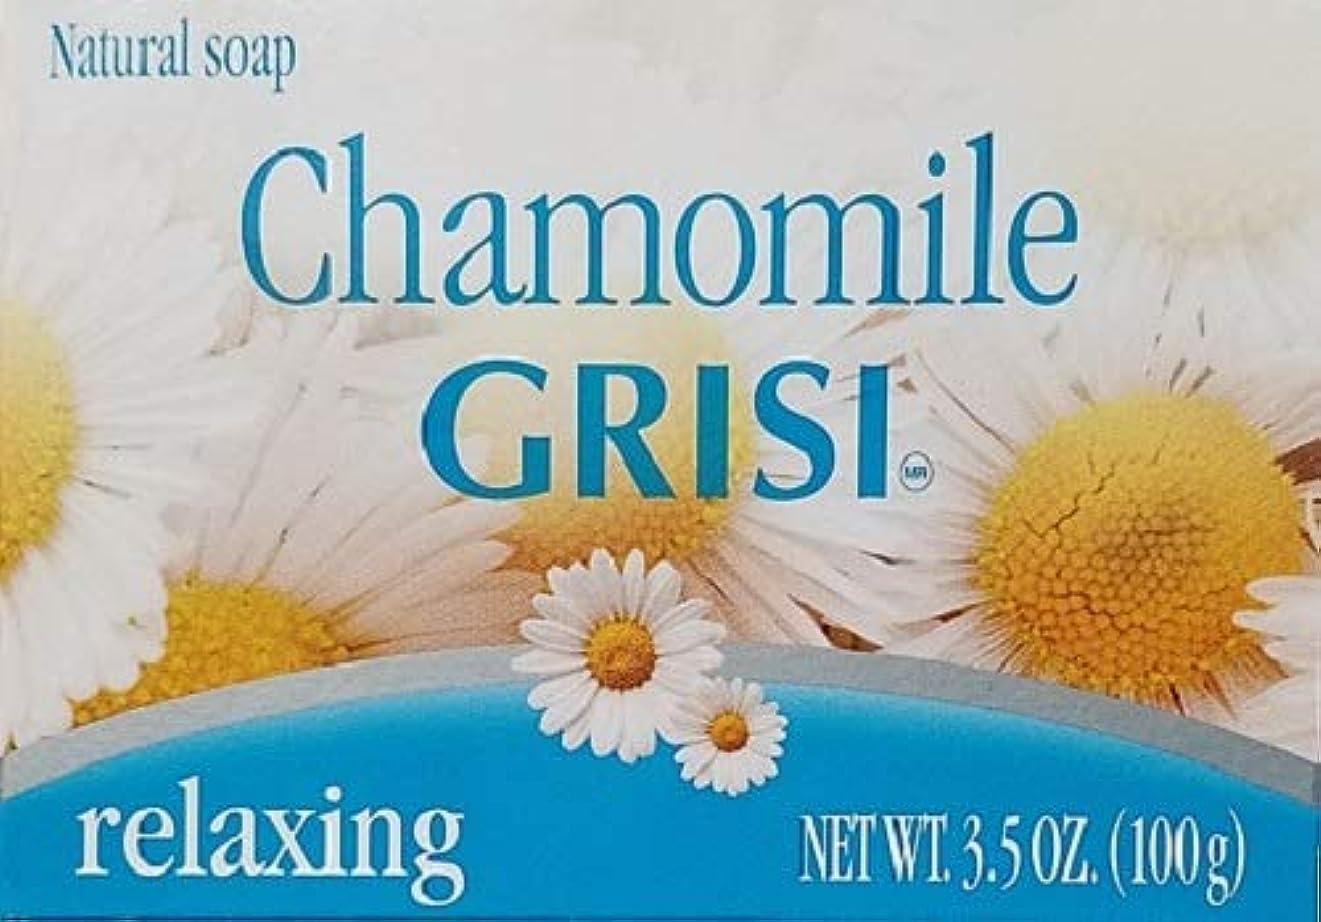 失業者進捗財産Manzanilla Grisi 6PK - カモミールソープ - Jabonデマンサニージャ - Grisi(3.5オンスX 6単位)。